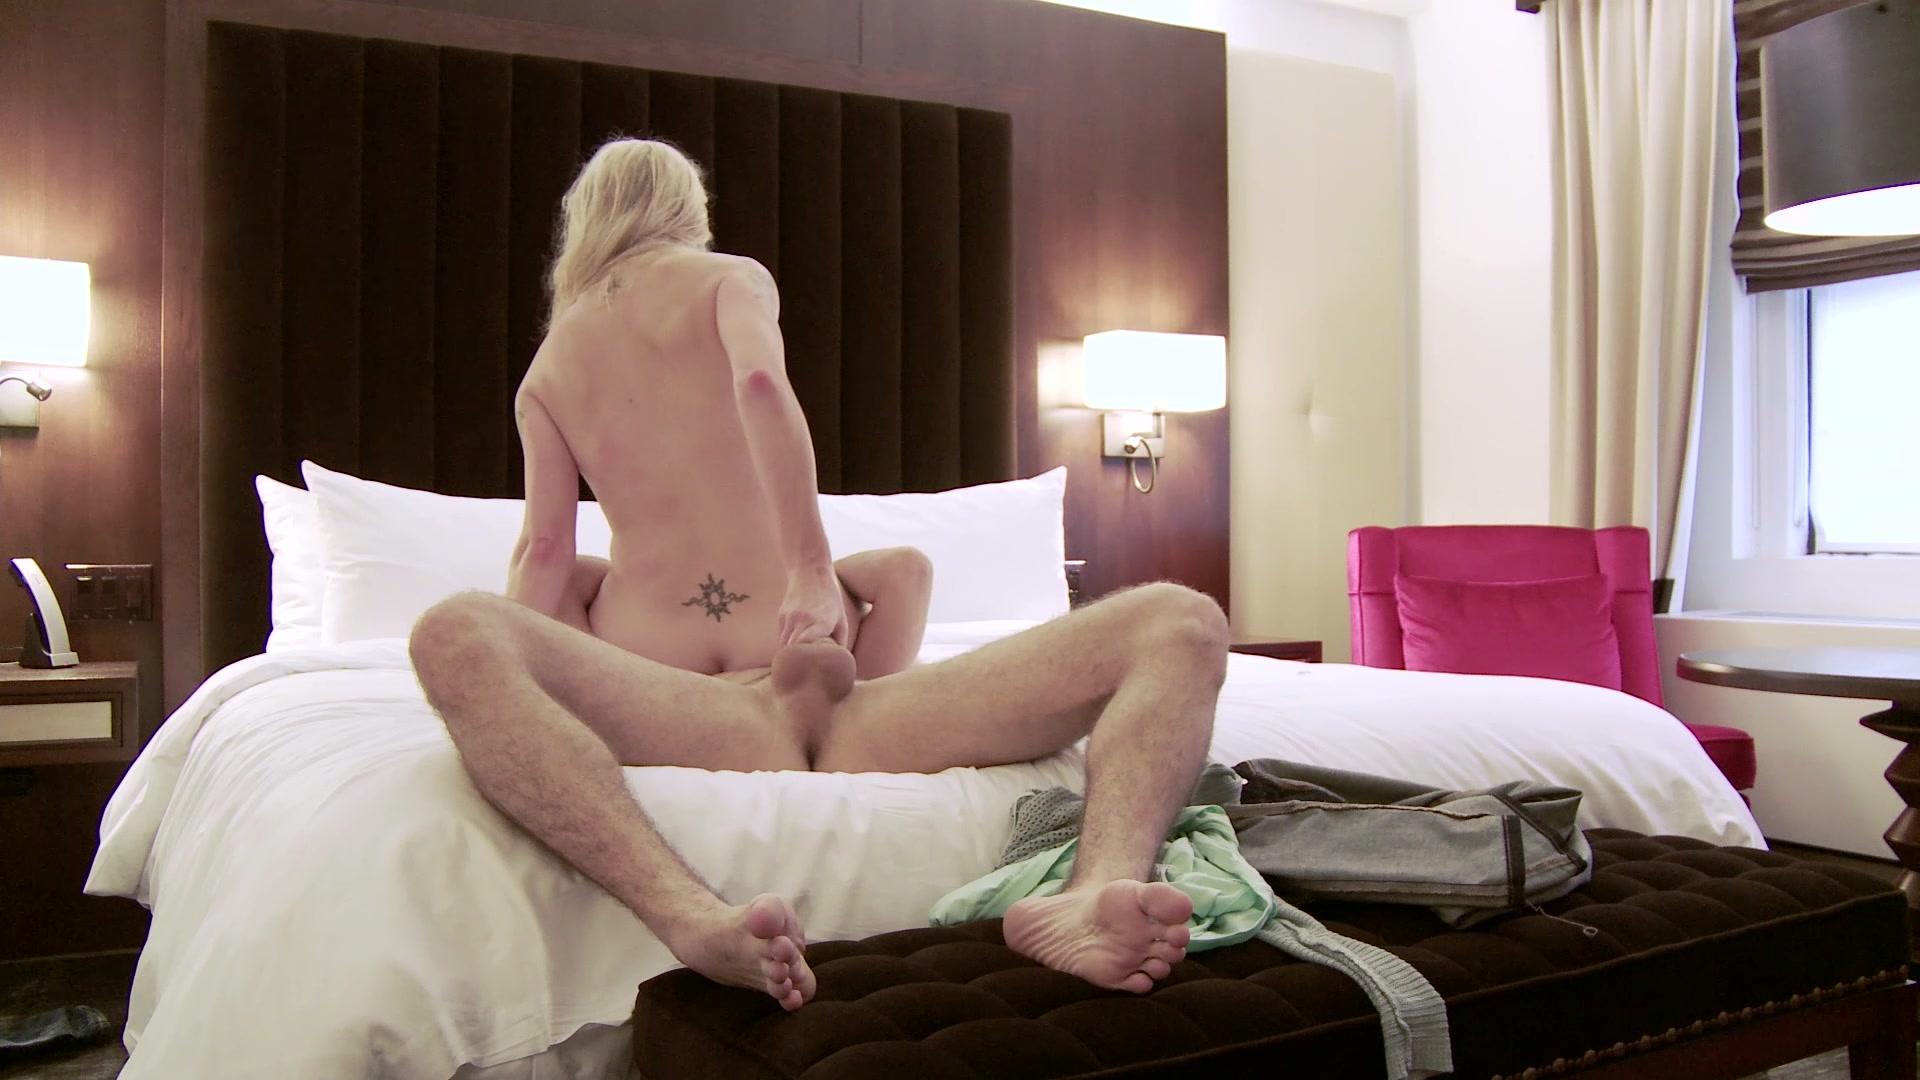 Смотреть онлайн порно в отели, порно две девушки и куча парней